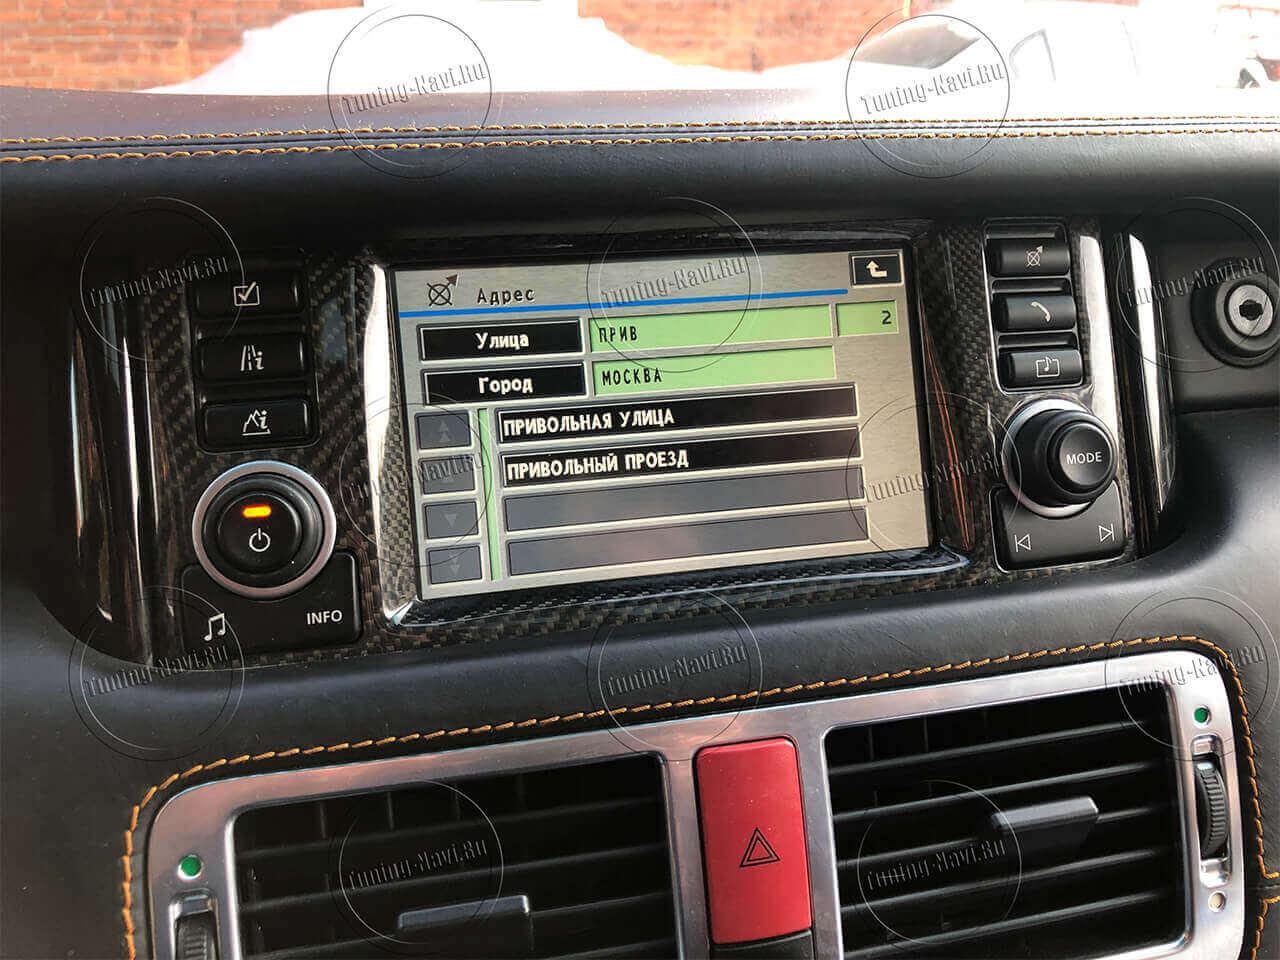 navigatsiya-range-rover_5